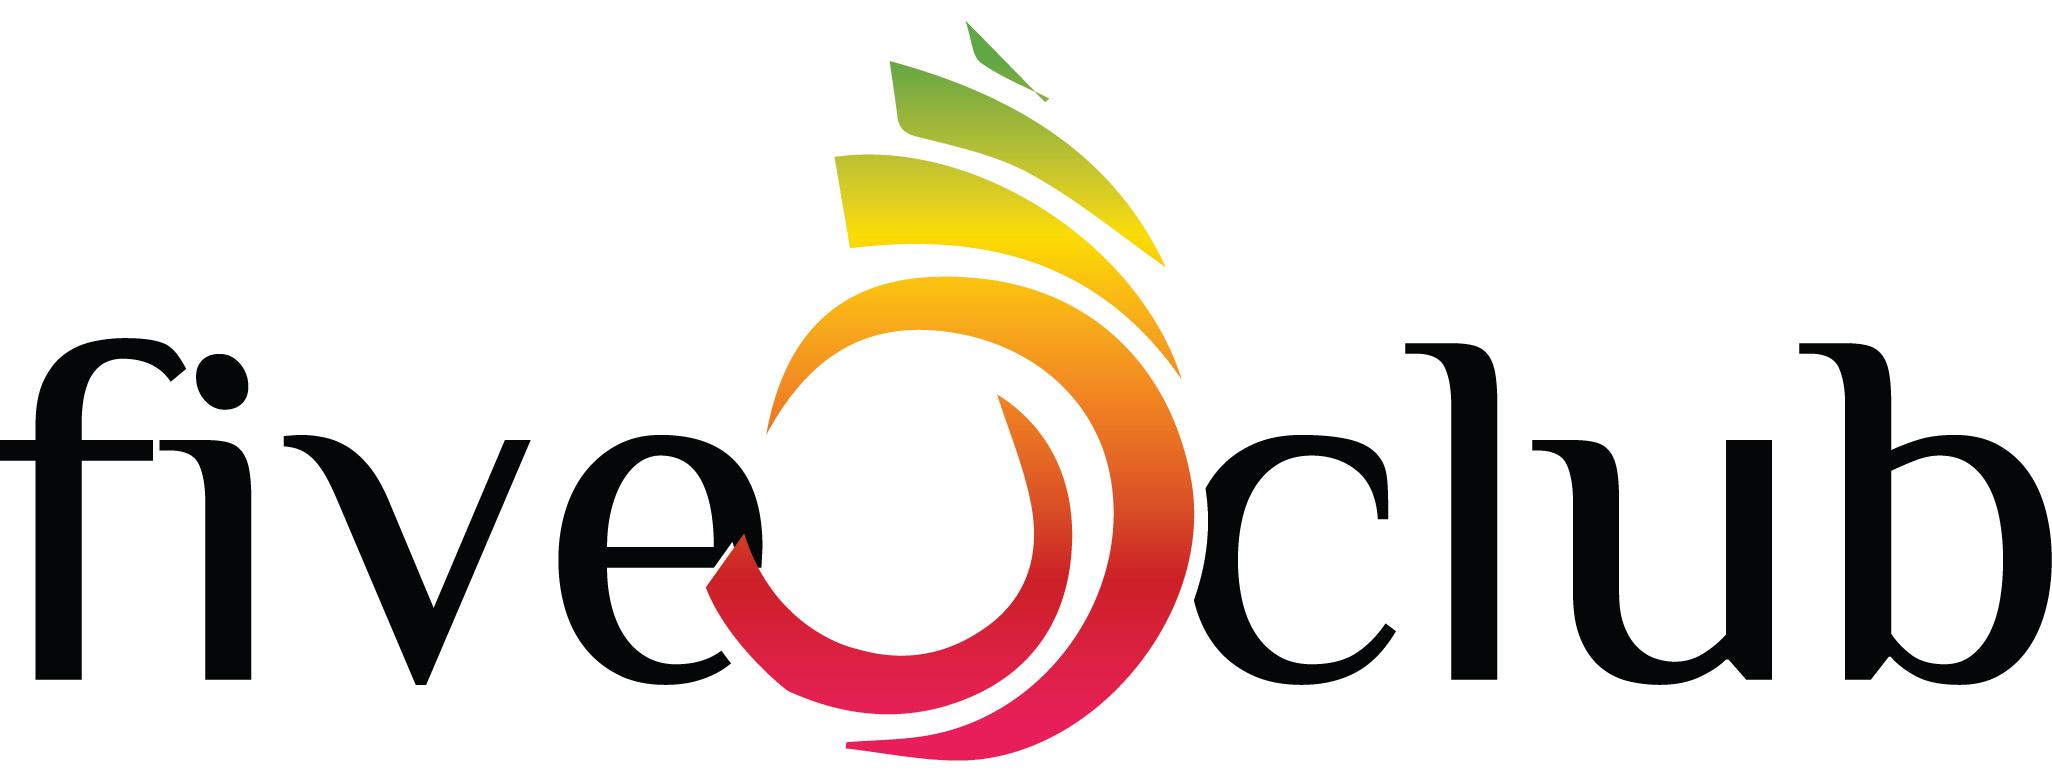 FiveOClub logo